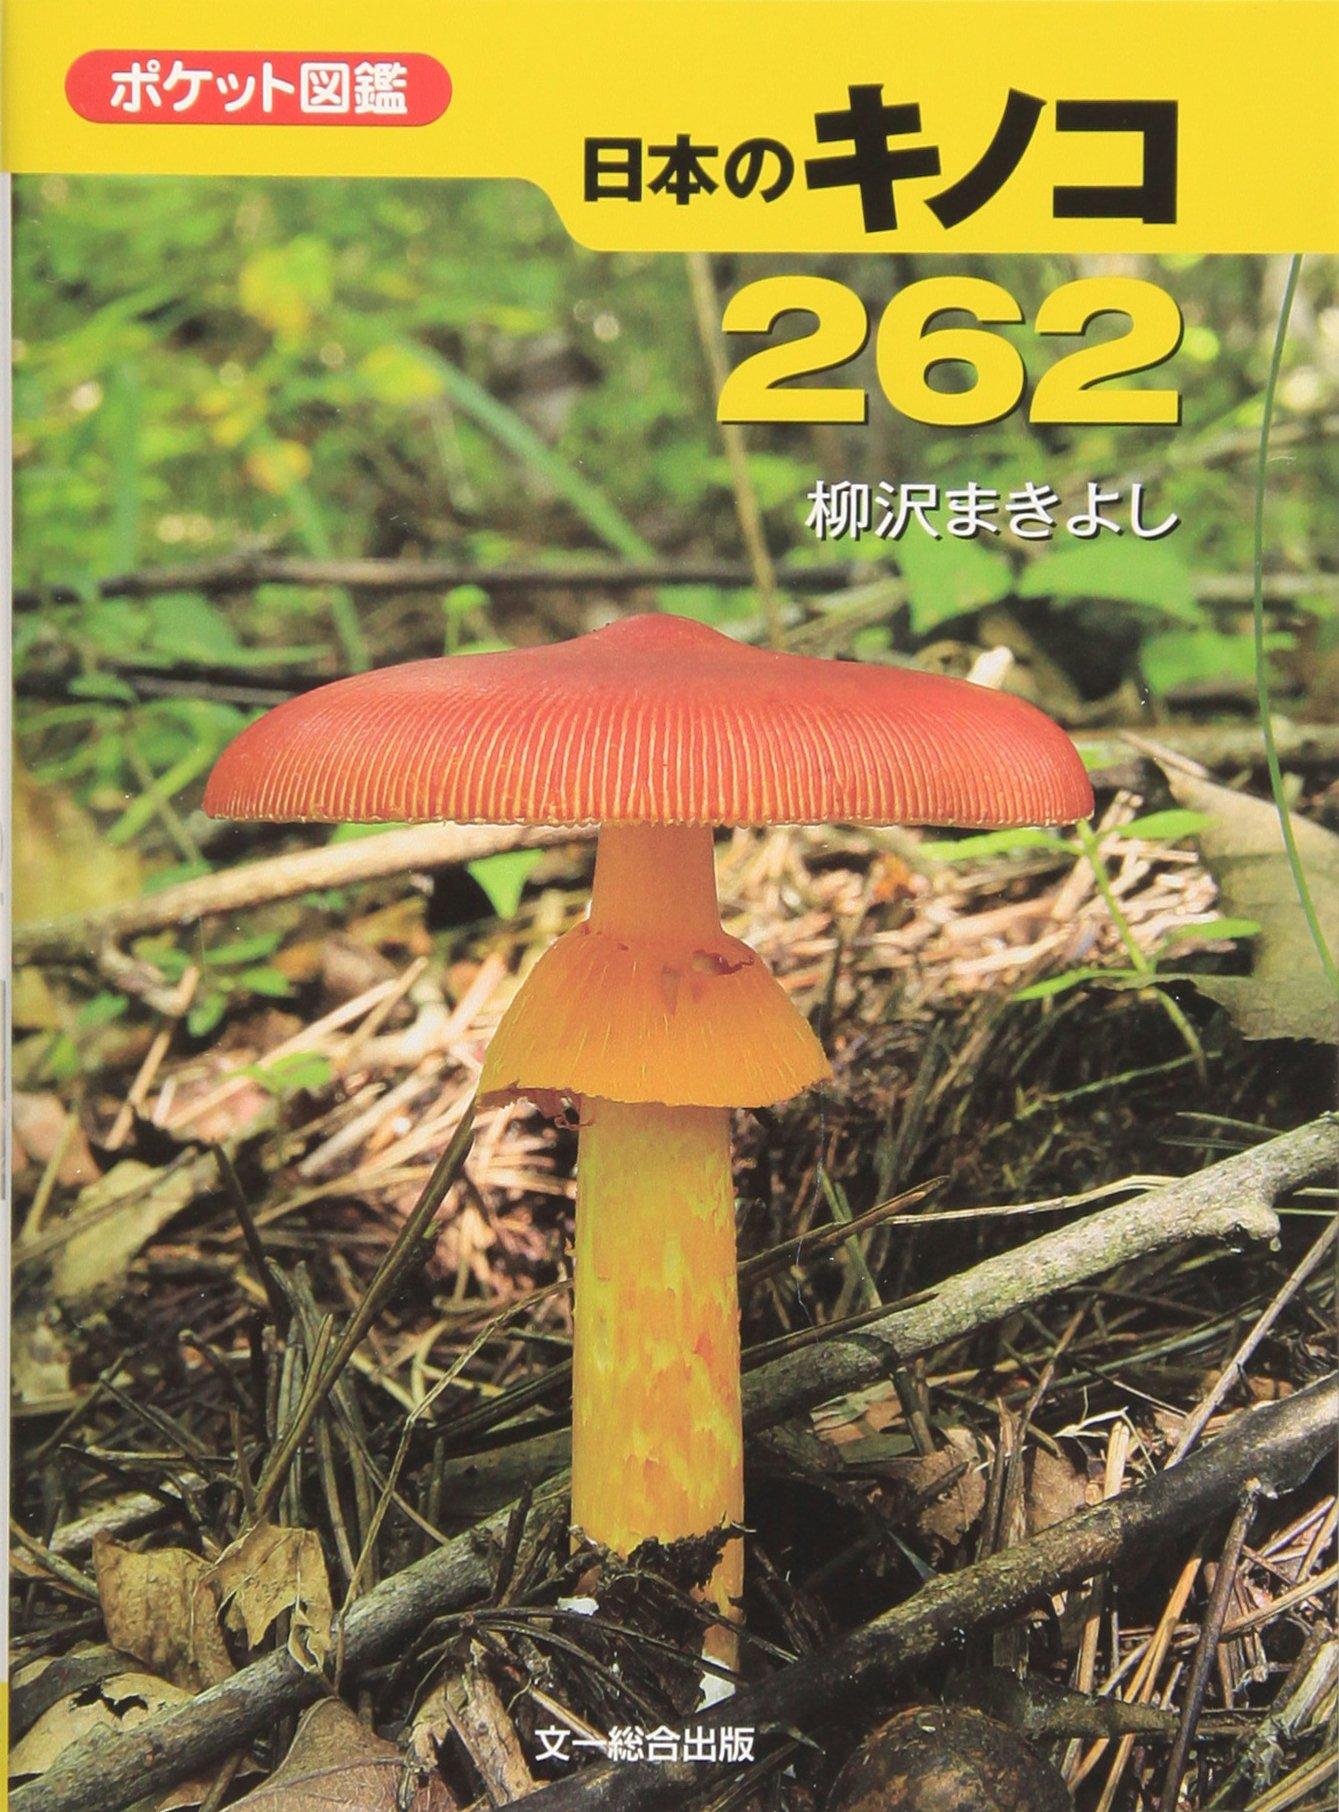 ポケット図鑑 日本のきのこ262